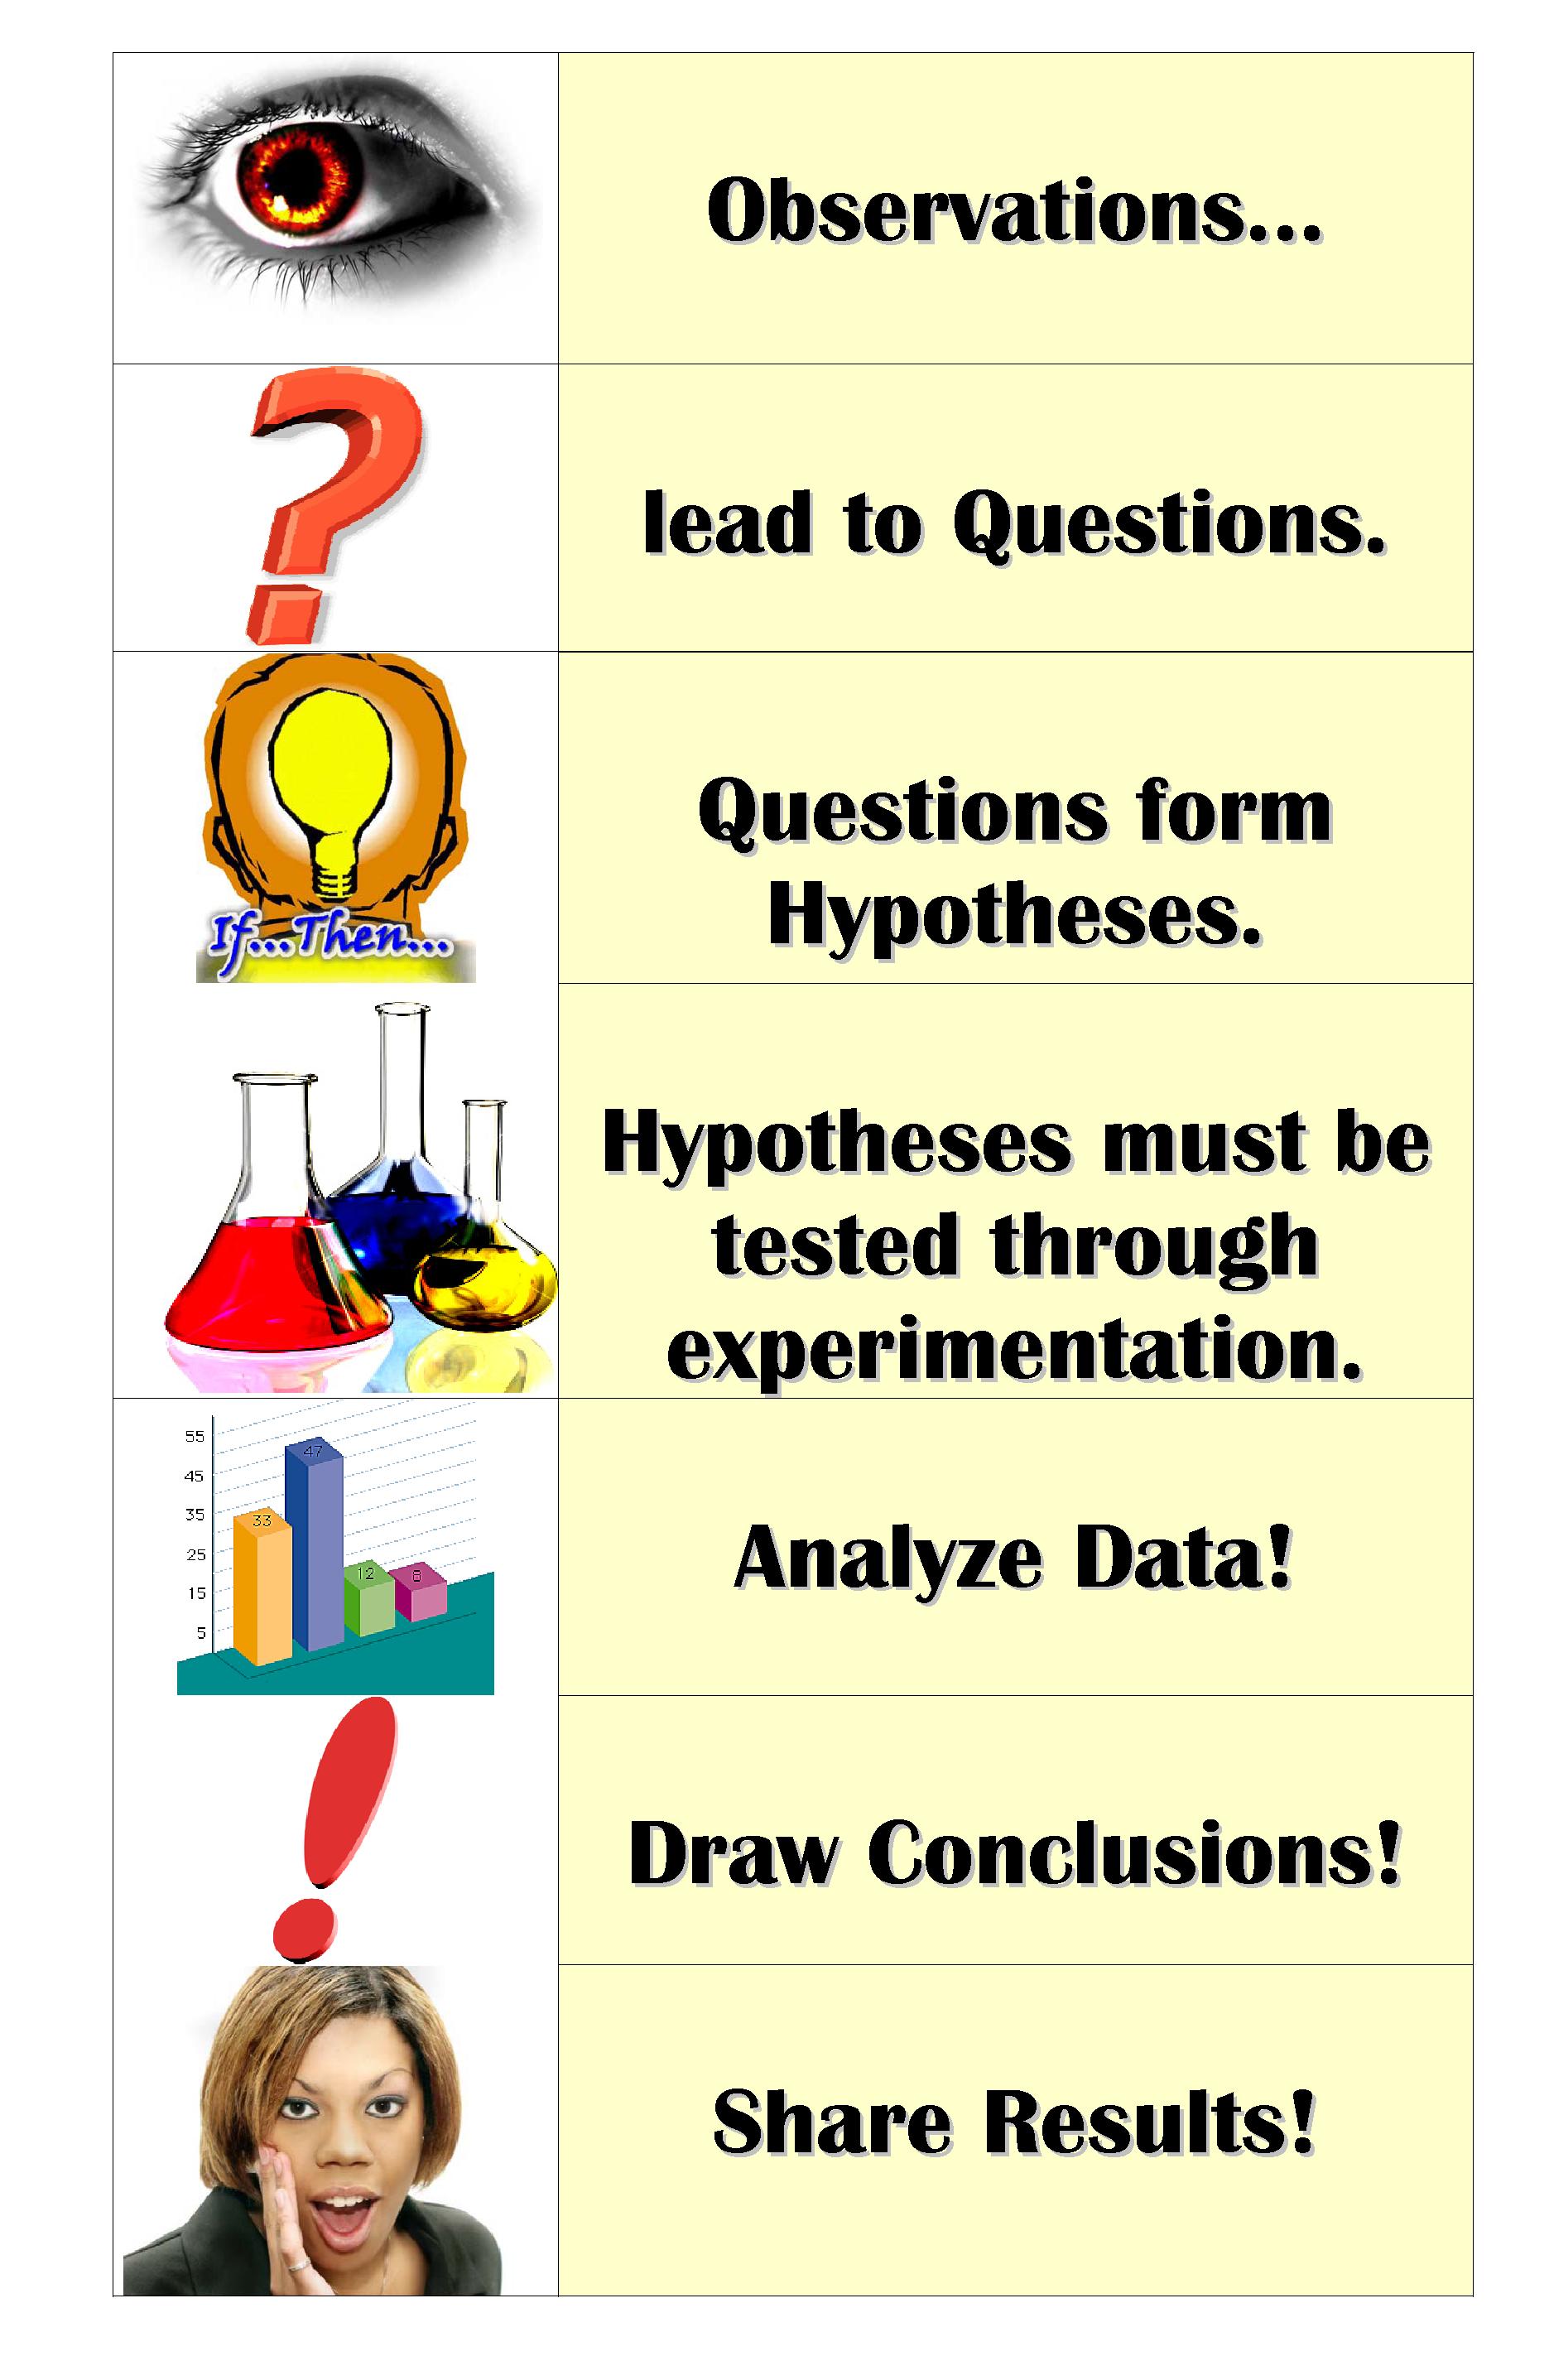 scientific-method-poster